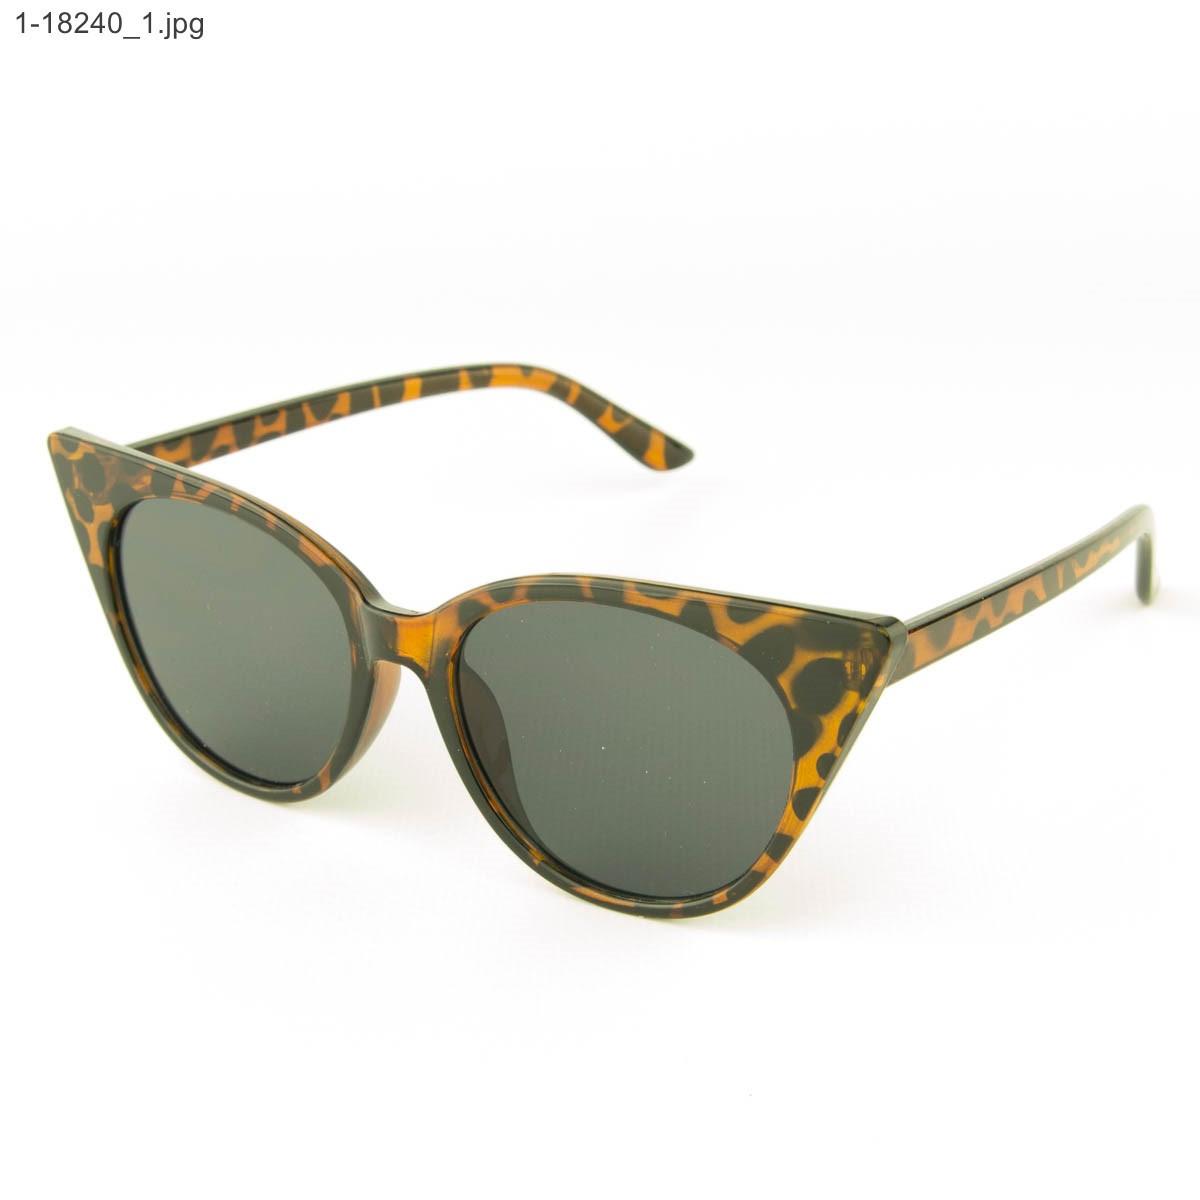 Оптом женские очки кошачий глаз - Леопардовые - 1-18240